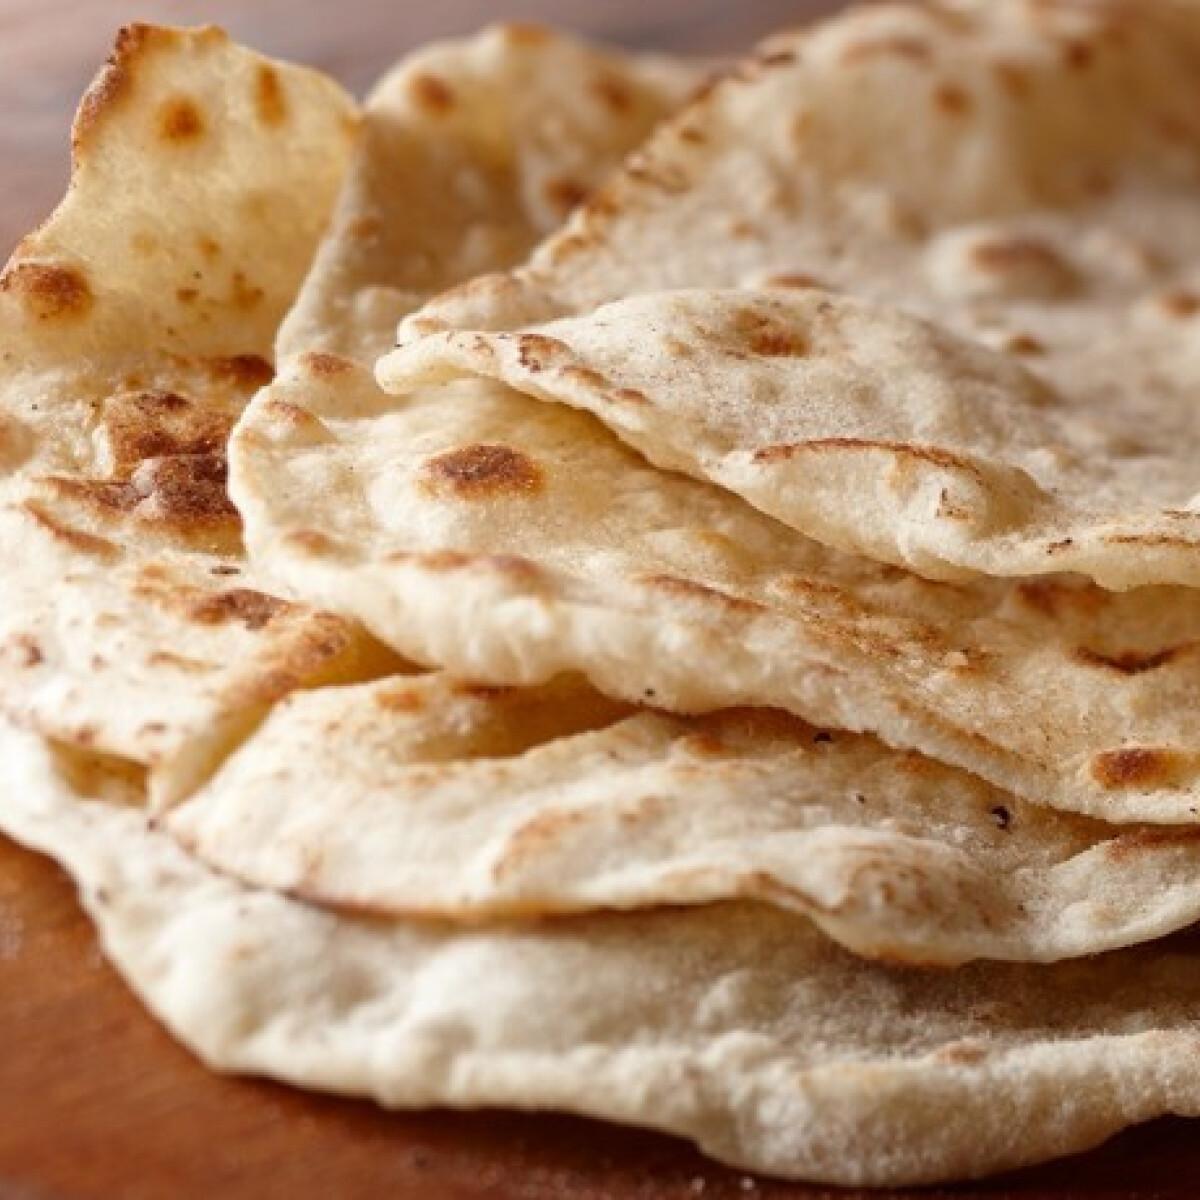 Másoknál ez a kenyér: 13+1 KENYÉR Indiától Mexikón át Portugáliáig